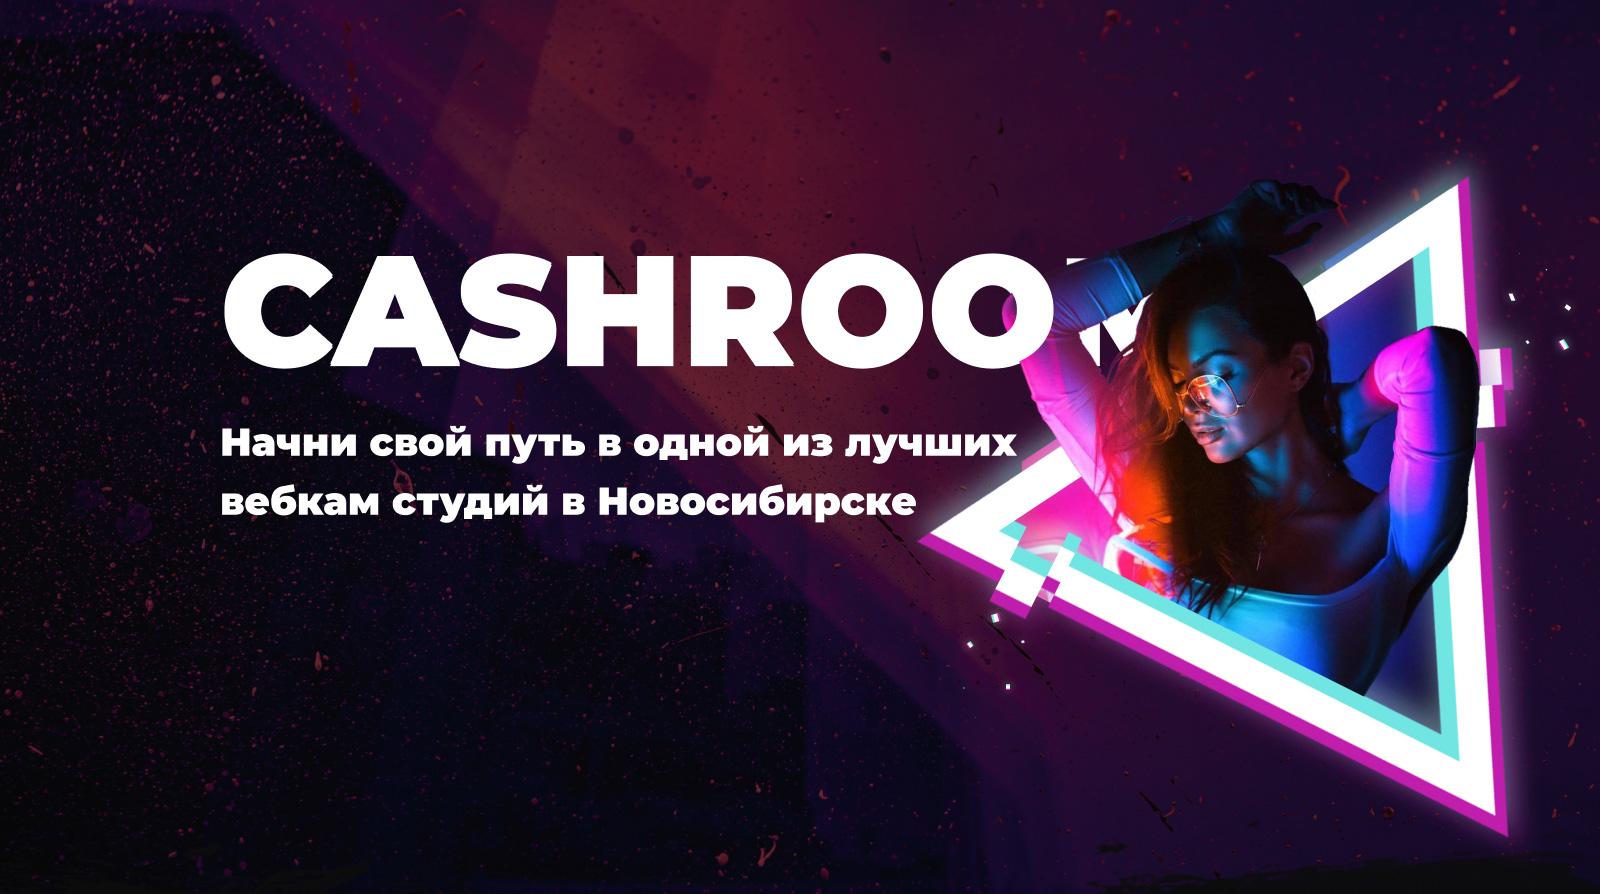 Работа мужчинам вебкам новосибирск работа девушкам в красноярске высокооплачиваемая